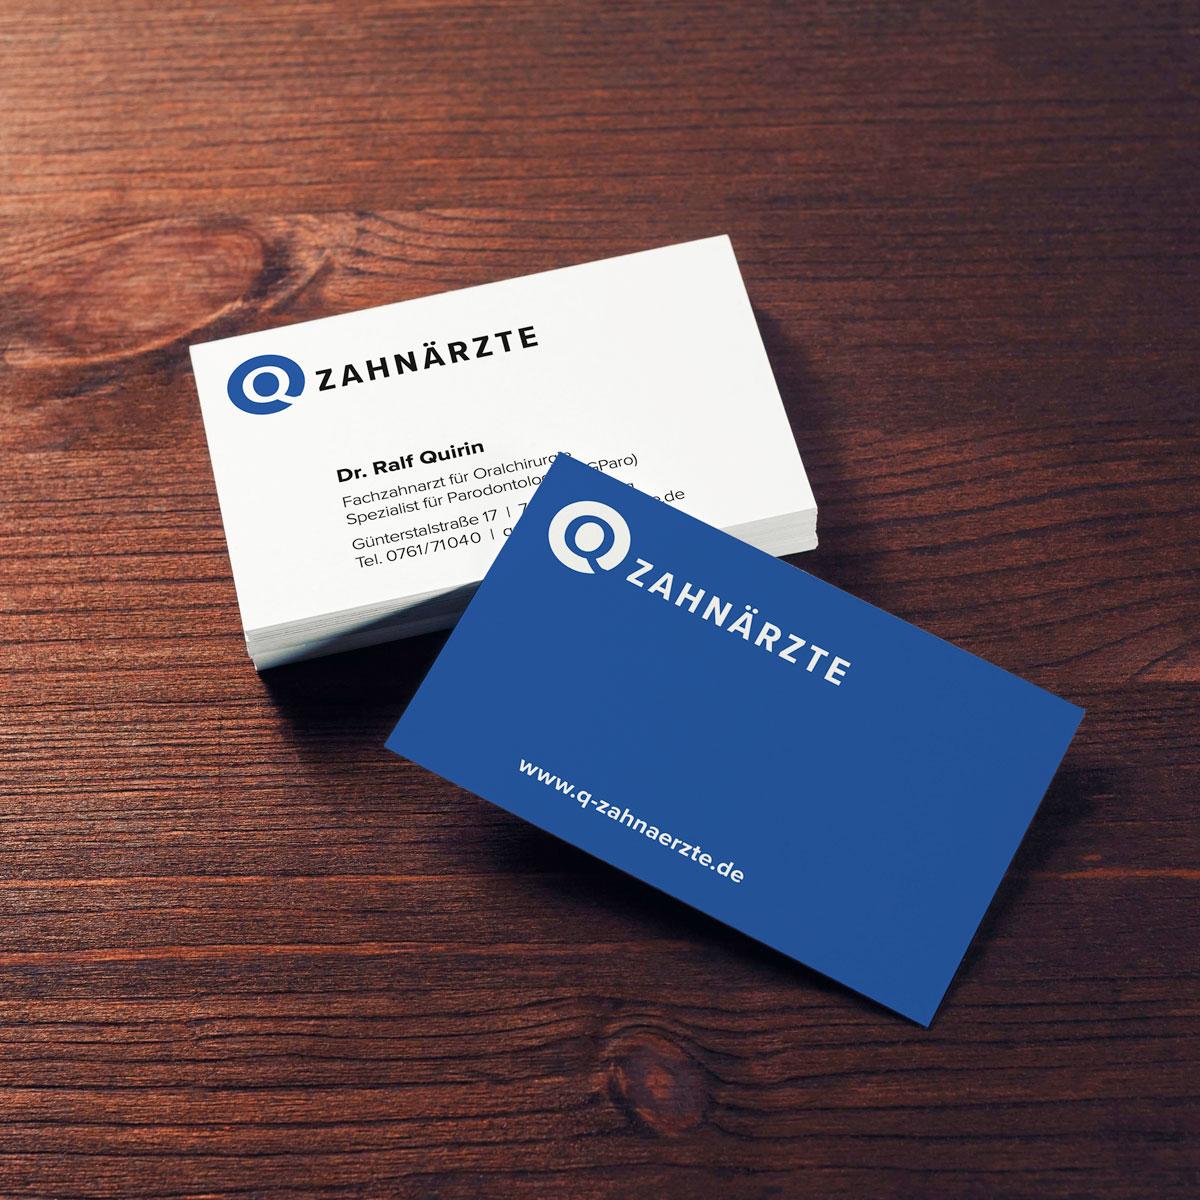 Neue Geschäftsausstattung im neuen Corporate Design der Q-Zahnärzte: Beispiel Visitenkarten